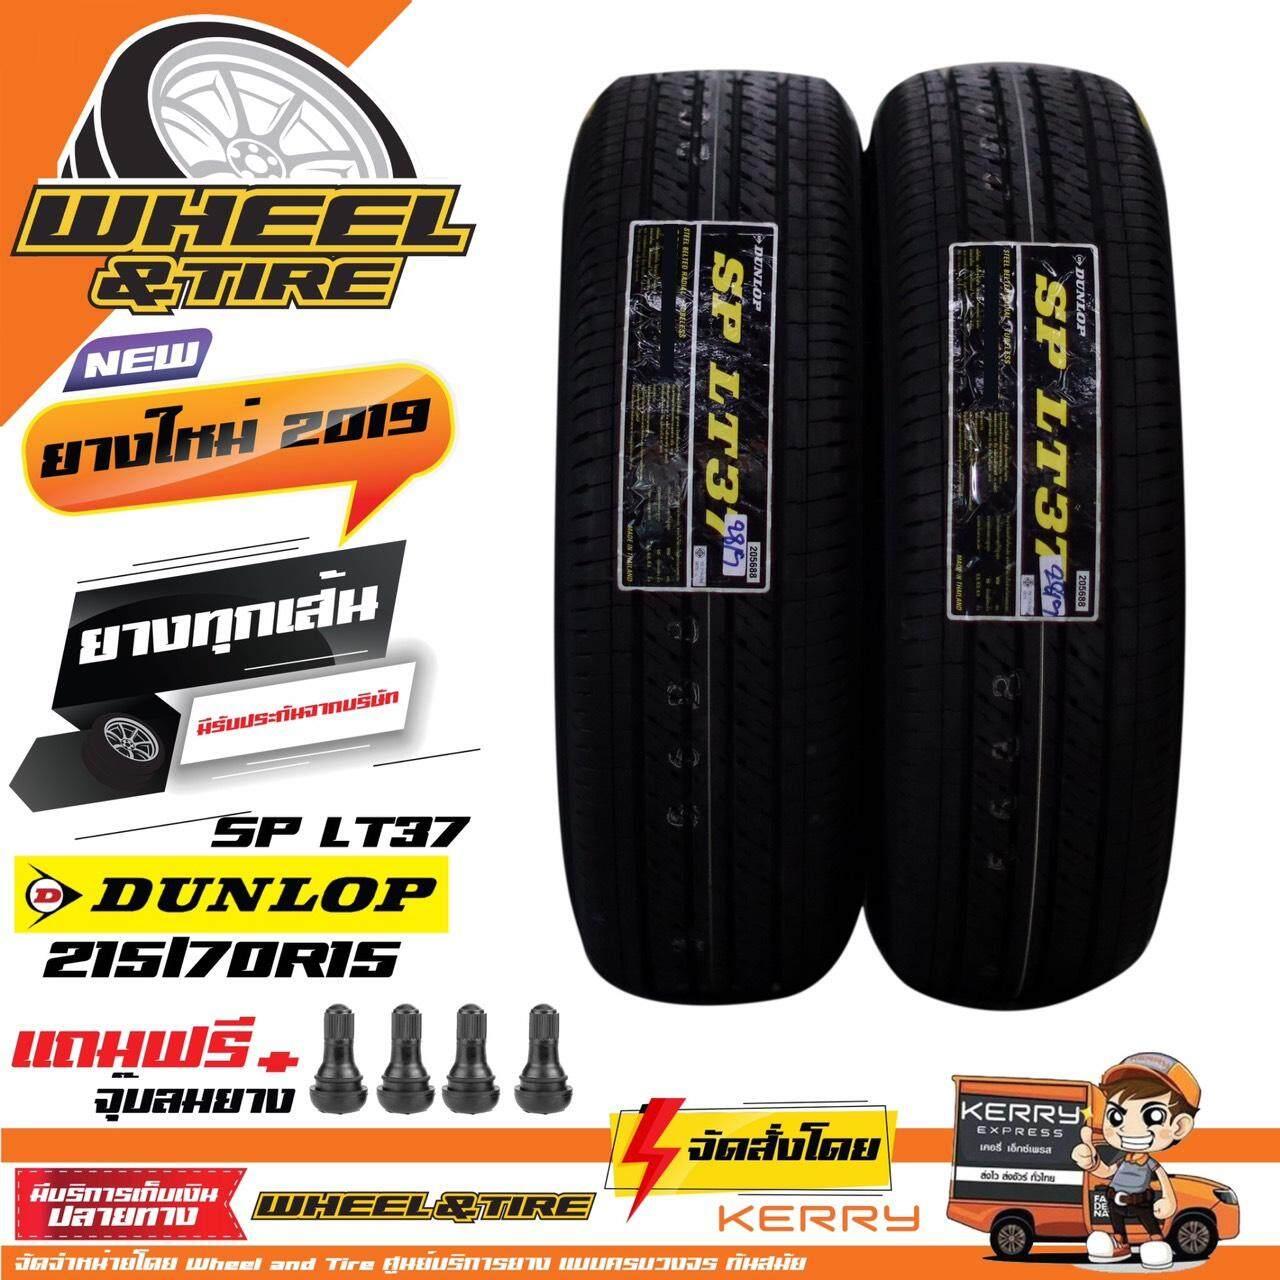 ยโสธร Dunlop ยางรถยนต์ 215/70R15 SPLT37 จำนวน 2 เส้น ยางใหม่ปี 2019   แถมฟรี จุ๊บลมยาง 2 ชิ้น